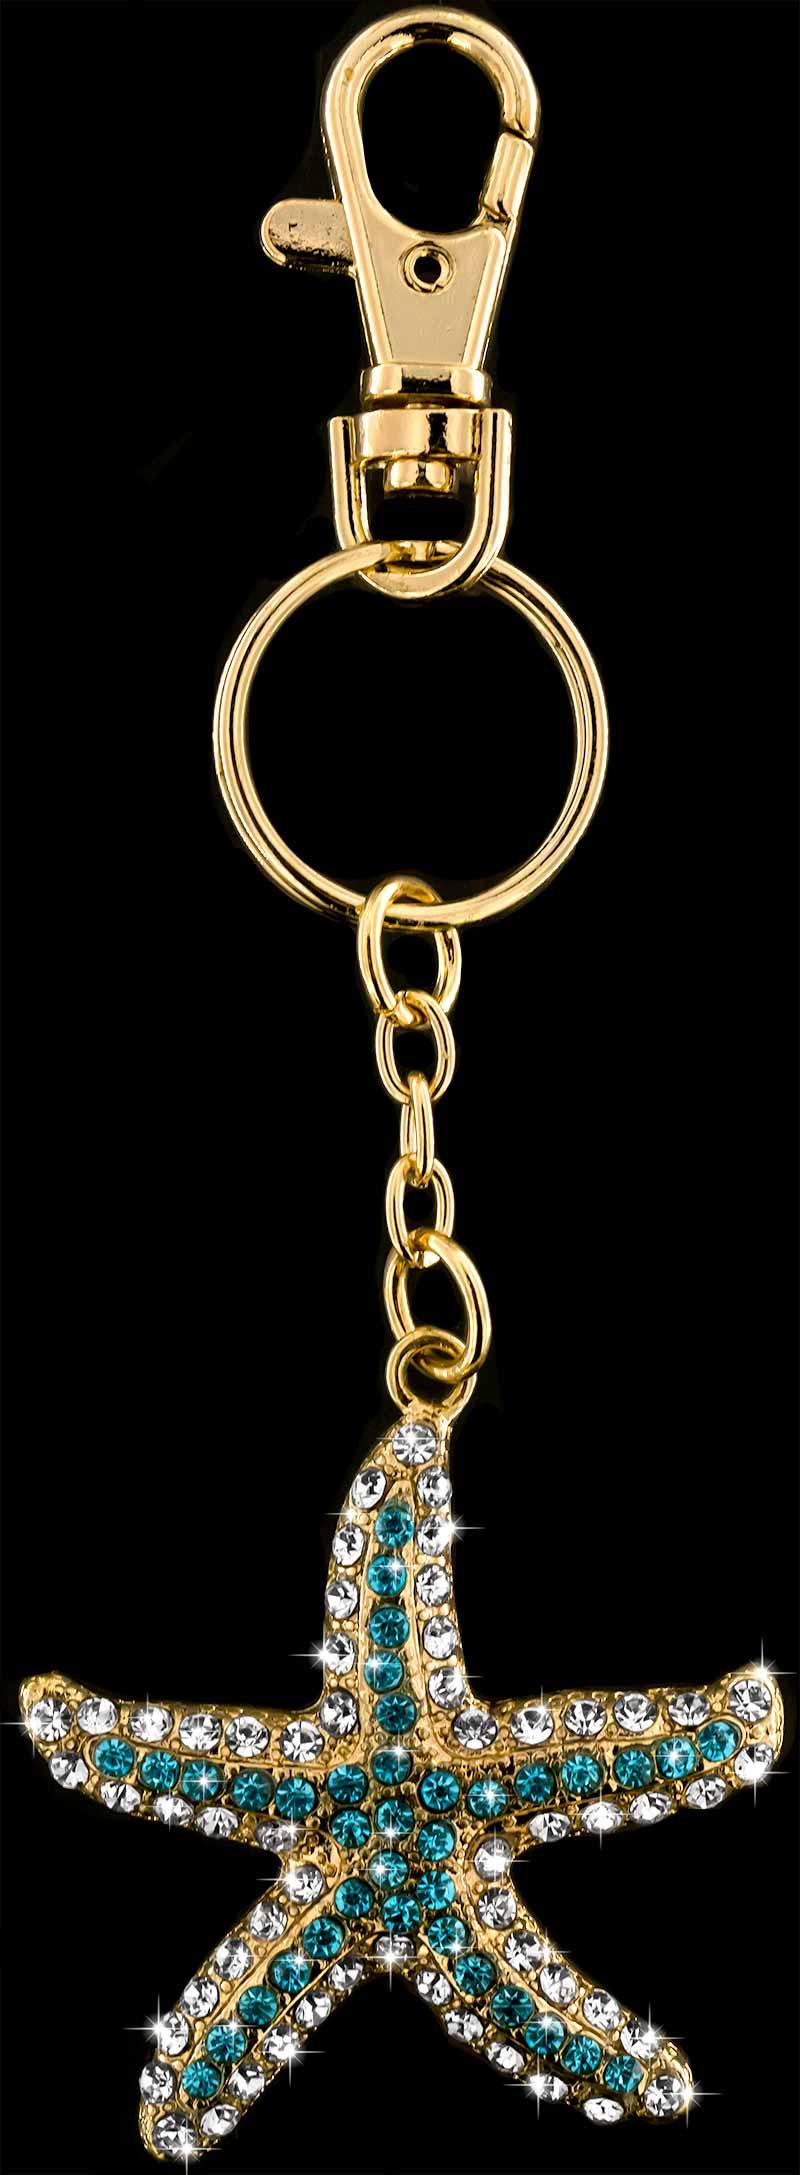 Anhänger Seestern goldfarben mit vielen weissen und türkisen Strass Steinen Schlüsselanhänger Taschenanhänger AH07